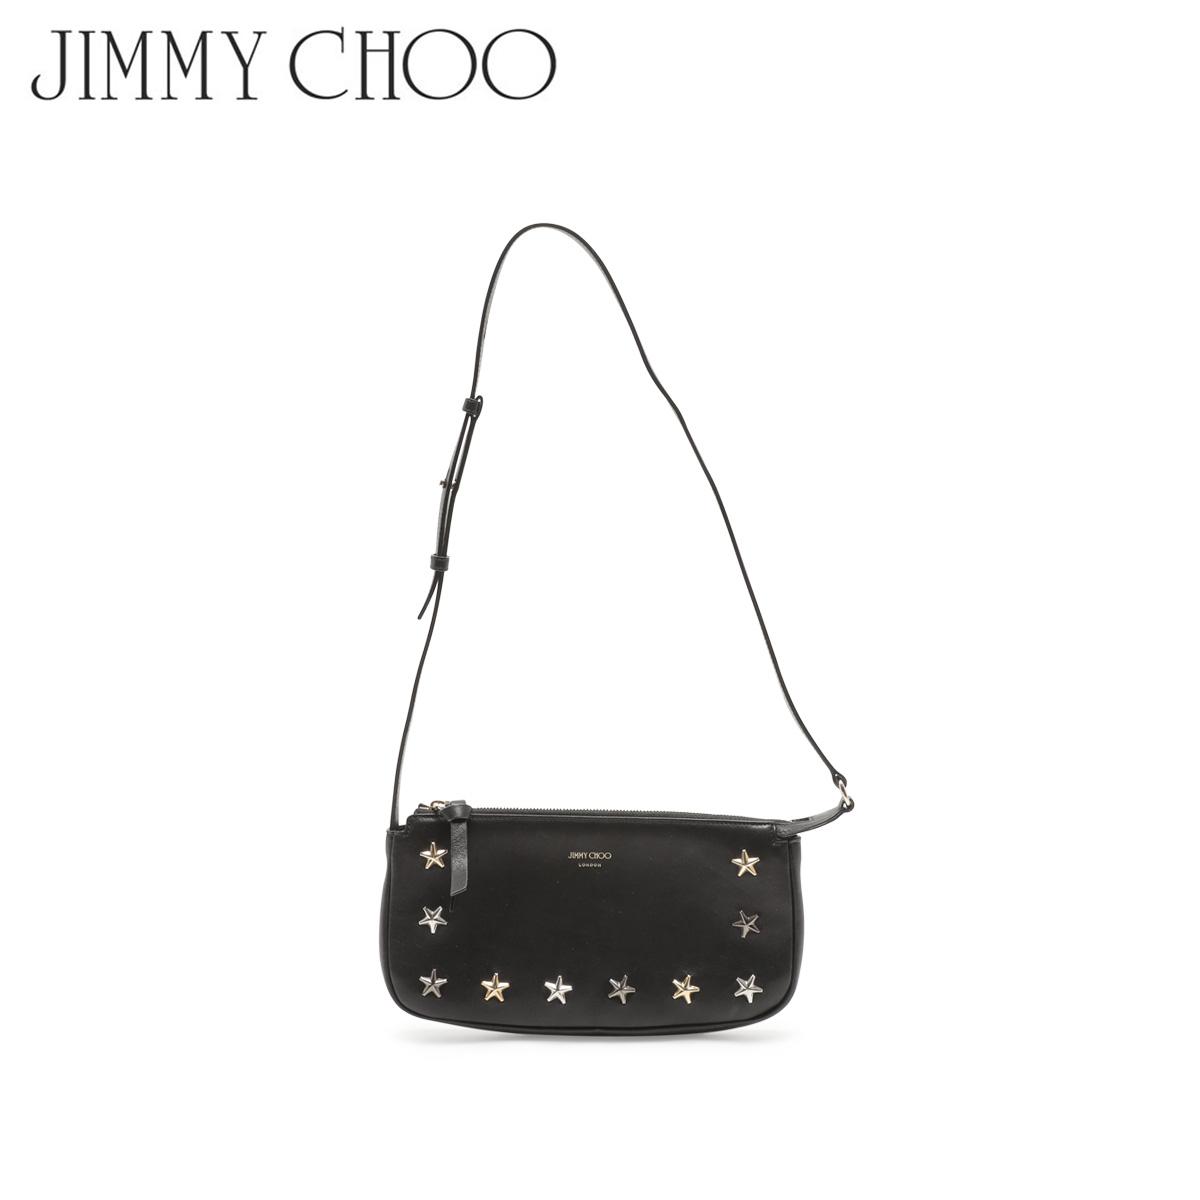 【訳あり】 JIMMY CHOO SHOULDER BAG ジミーチュウ バッグ ショルダーバッグ スタッズ レディース ブラック 1663-189 【返品不可】